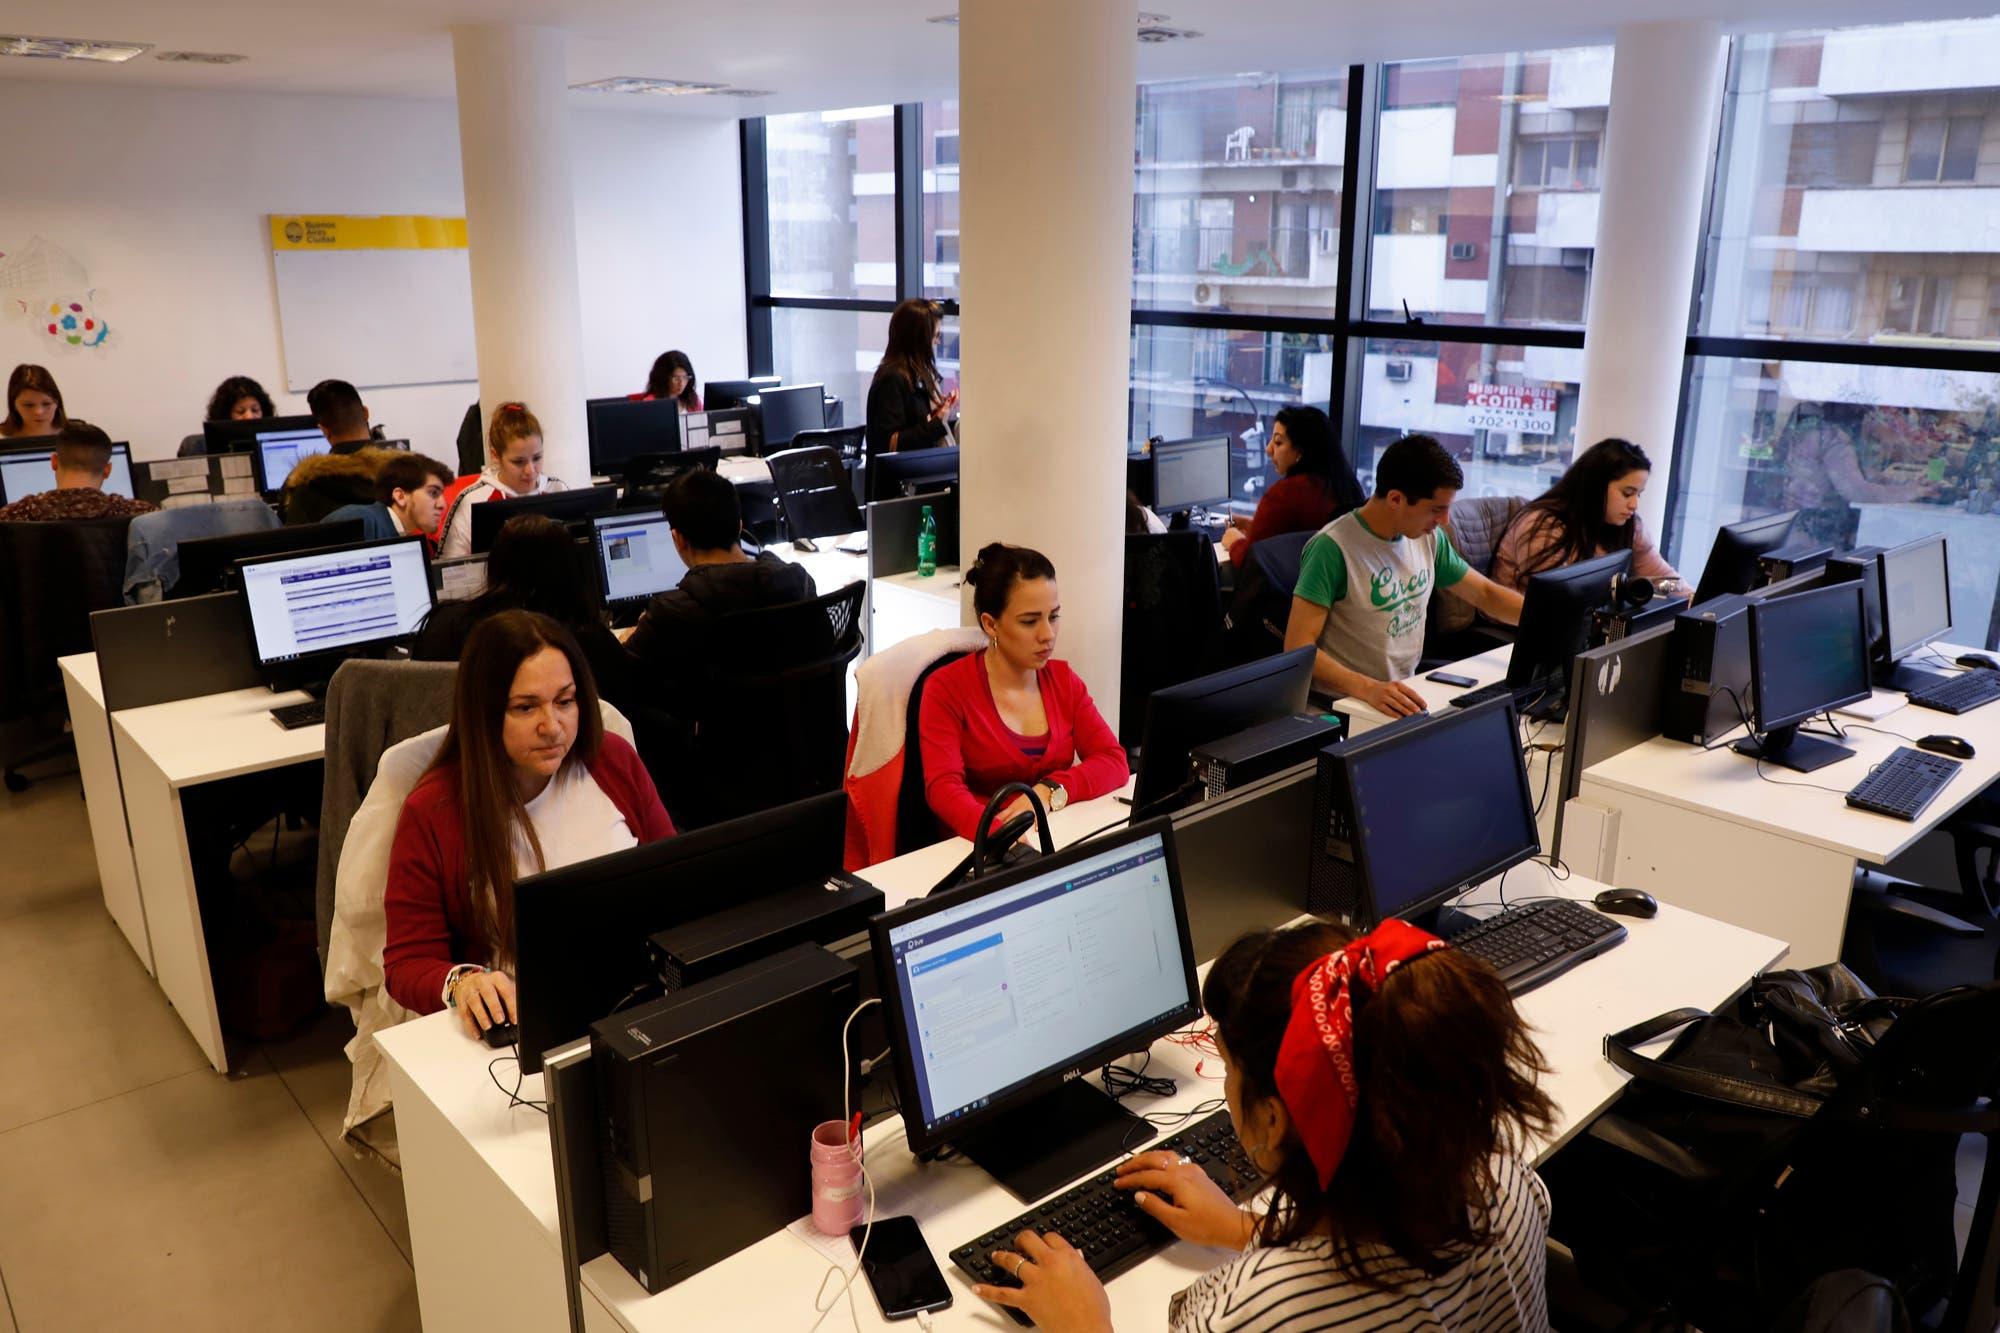 Las multas de tránsito podrán resolverse por chat en la ciudad de Buenos Aires